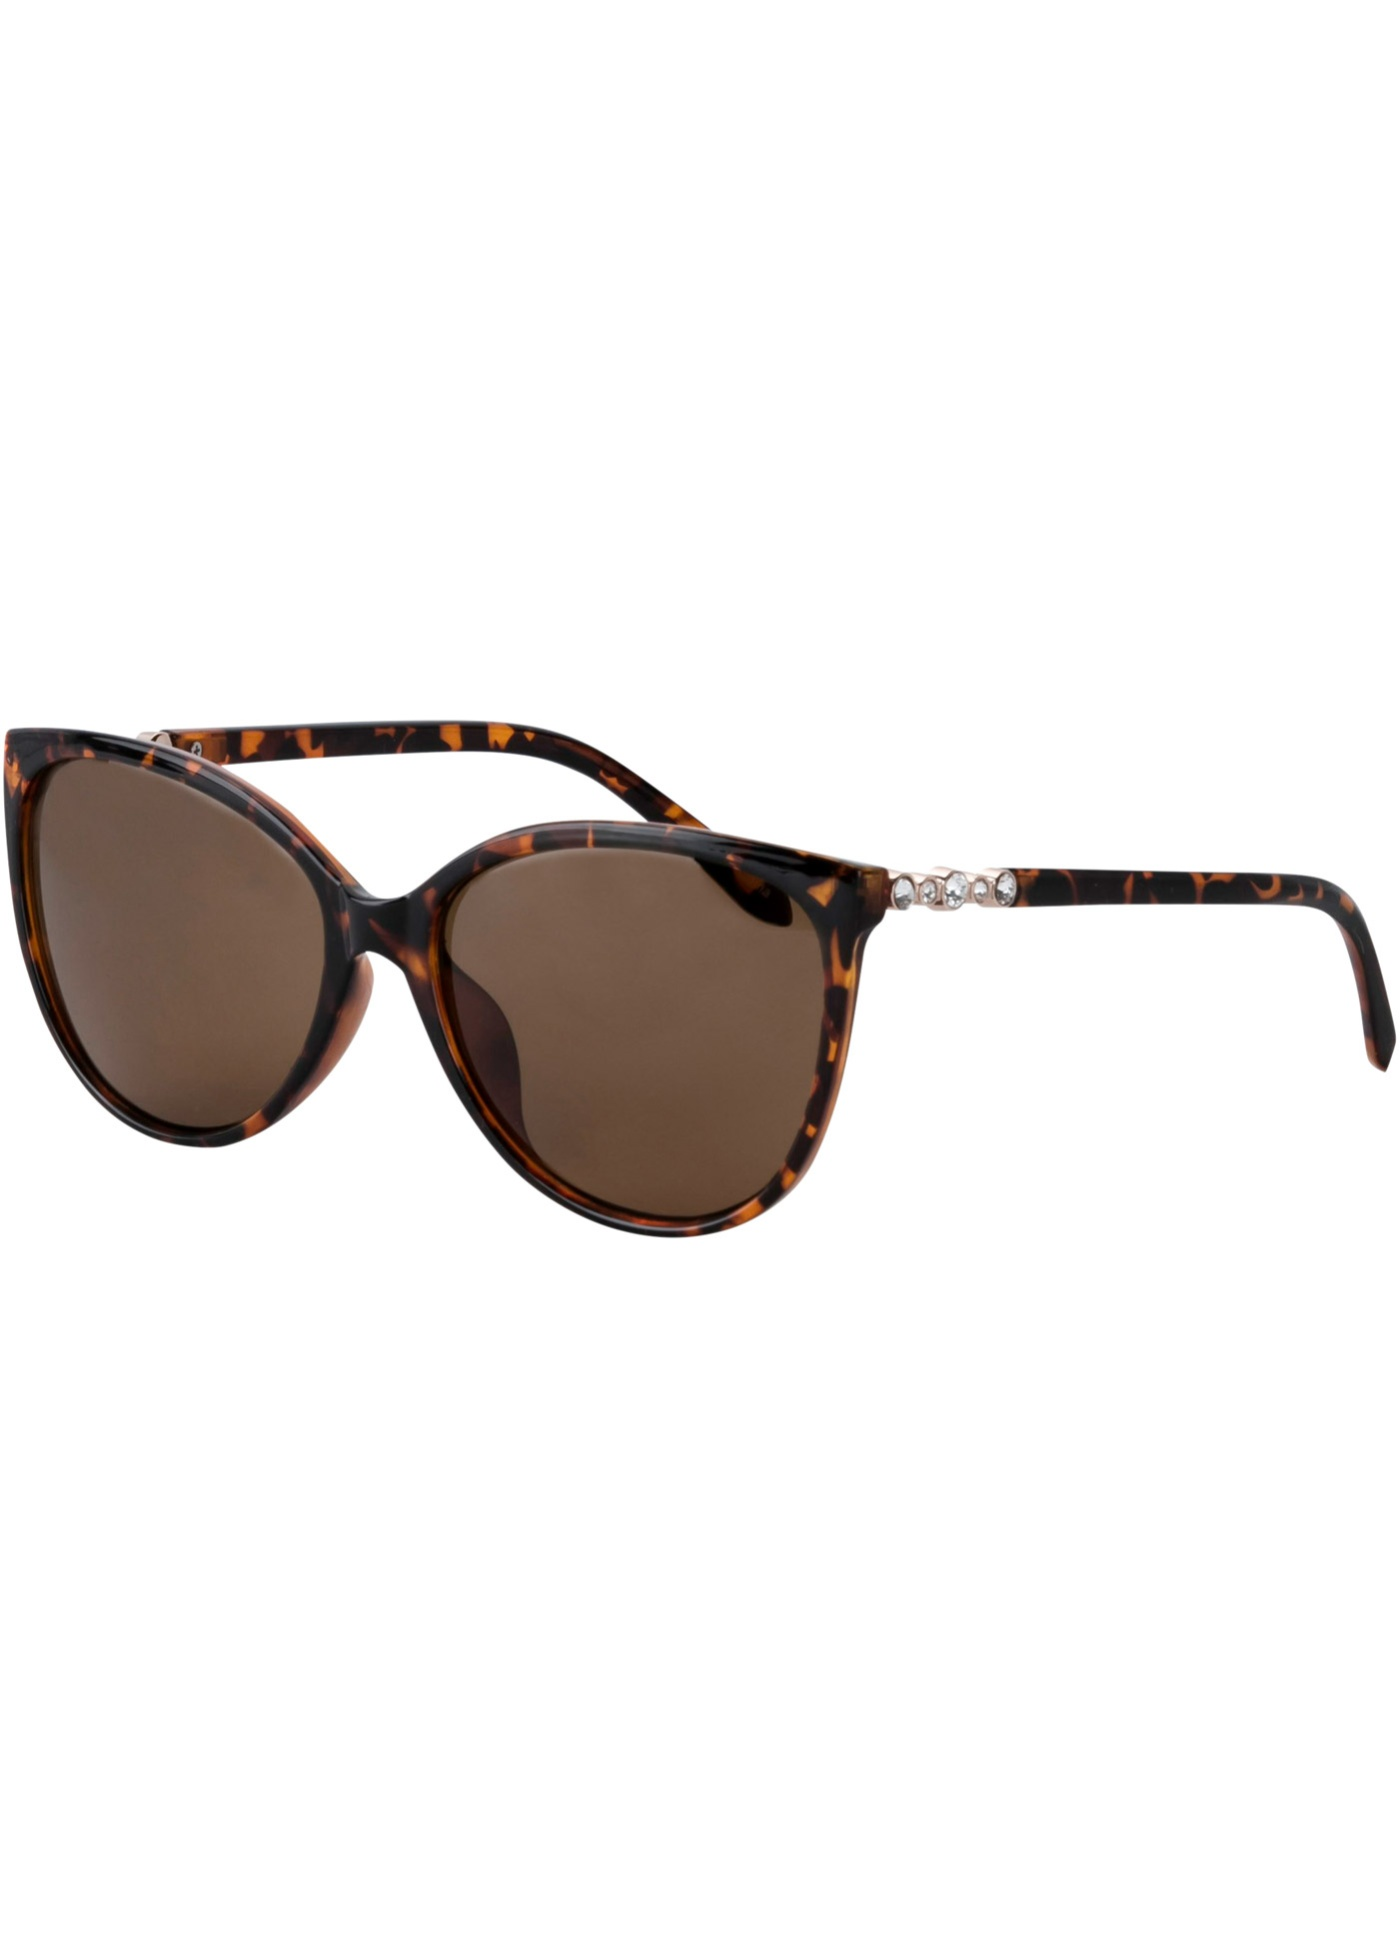 Image of Sonnenbrille veredelt mit Swarovski® Kristallen